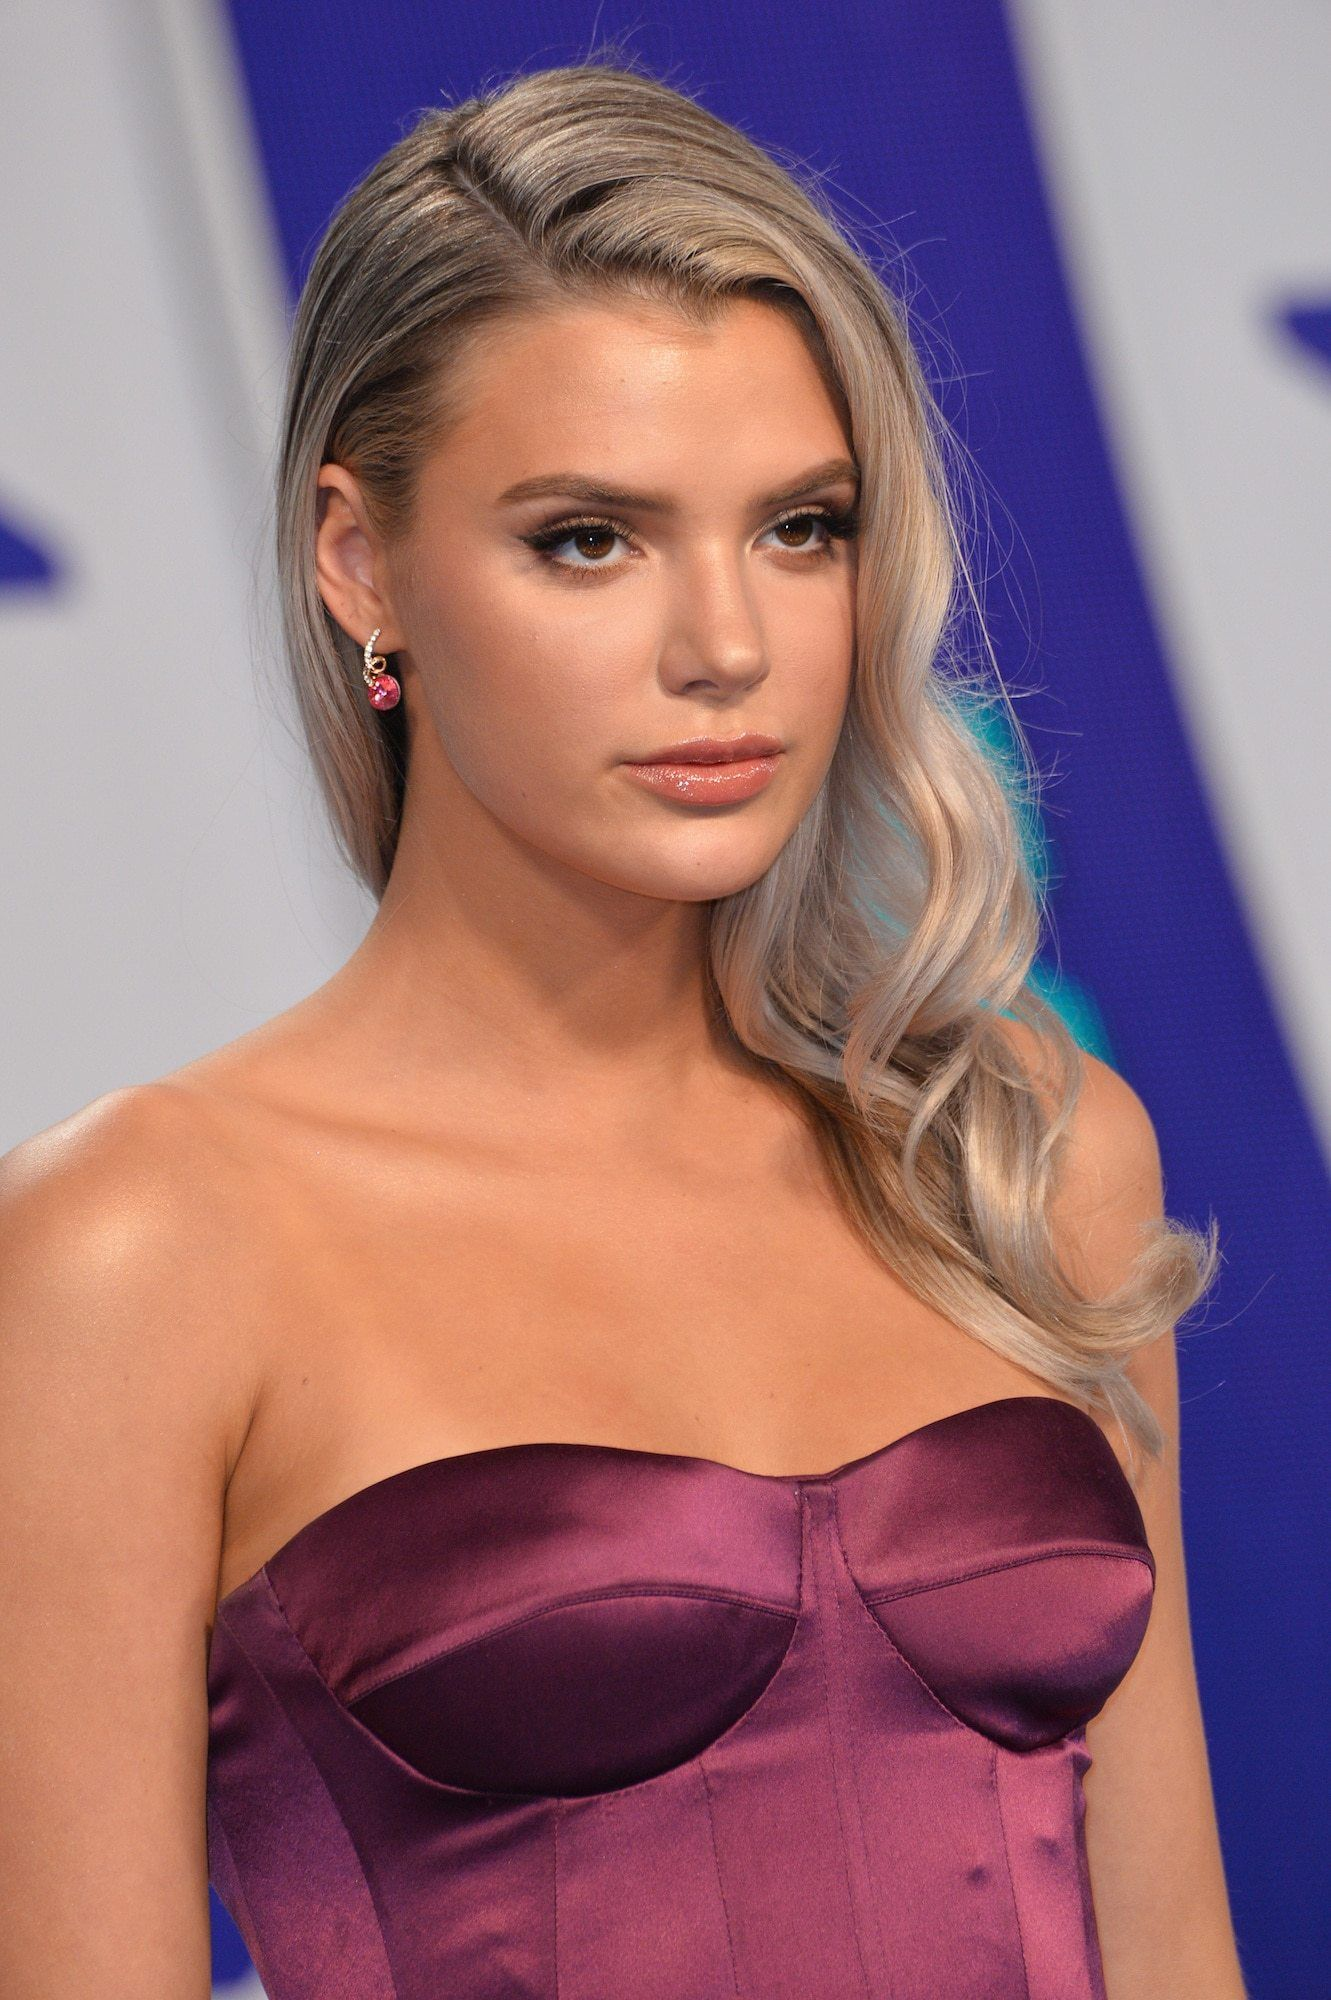 Warna rambut medium silver Alissa Violet